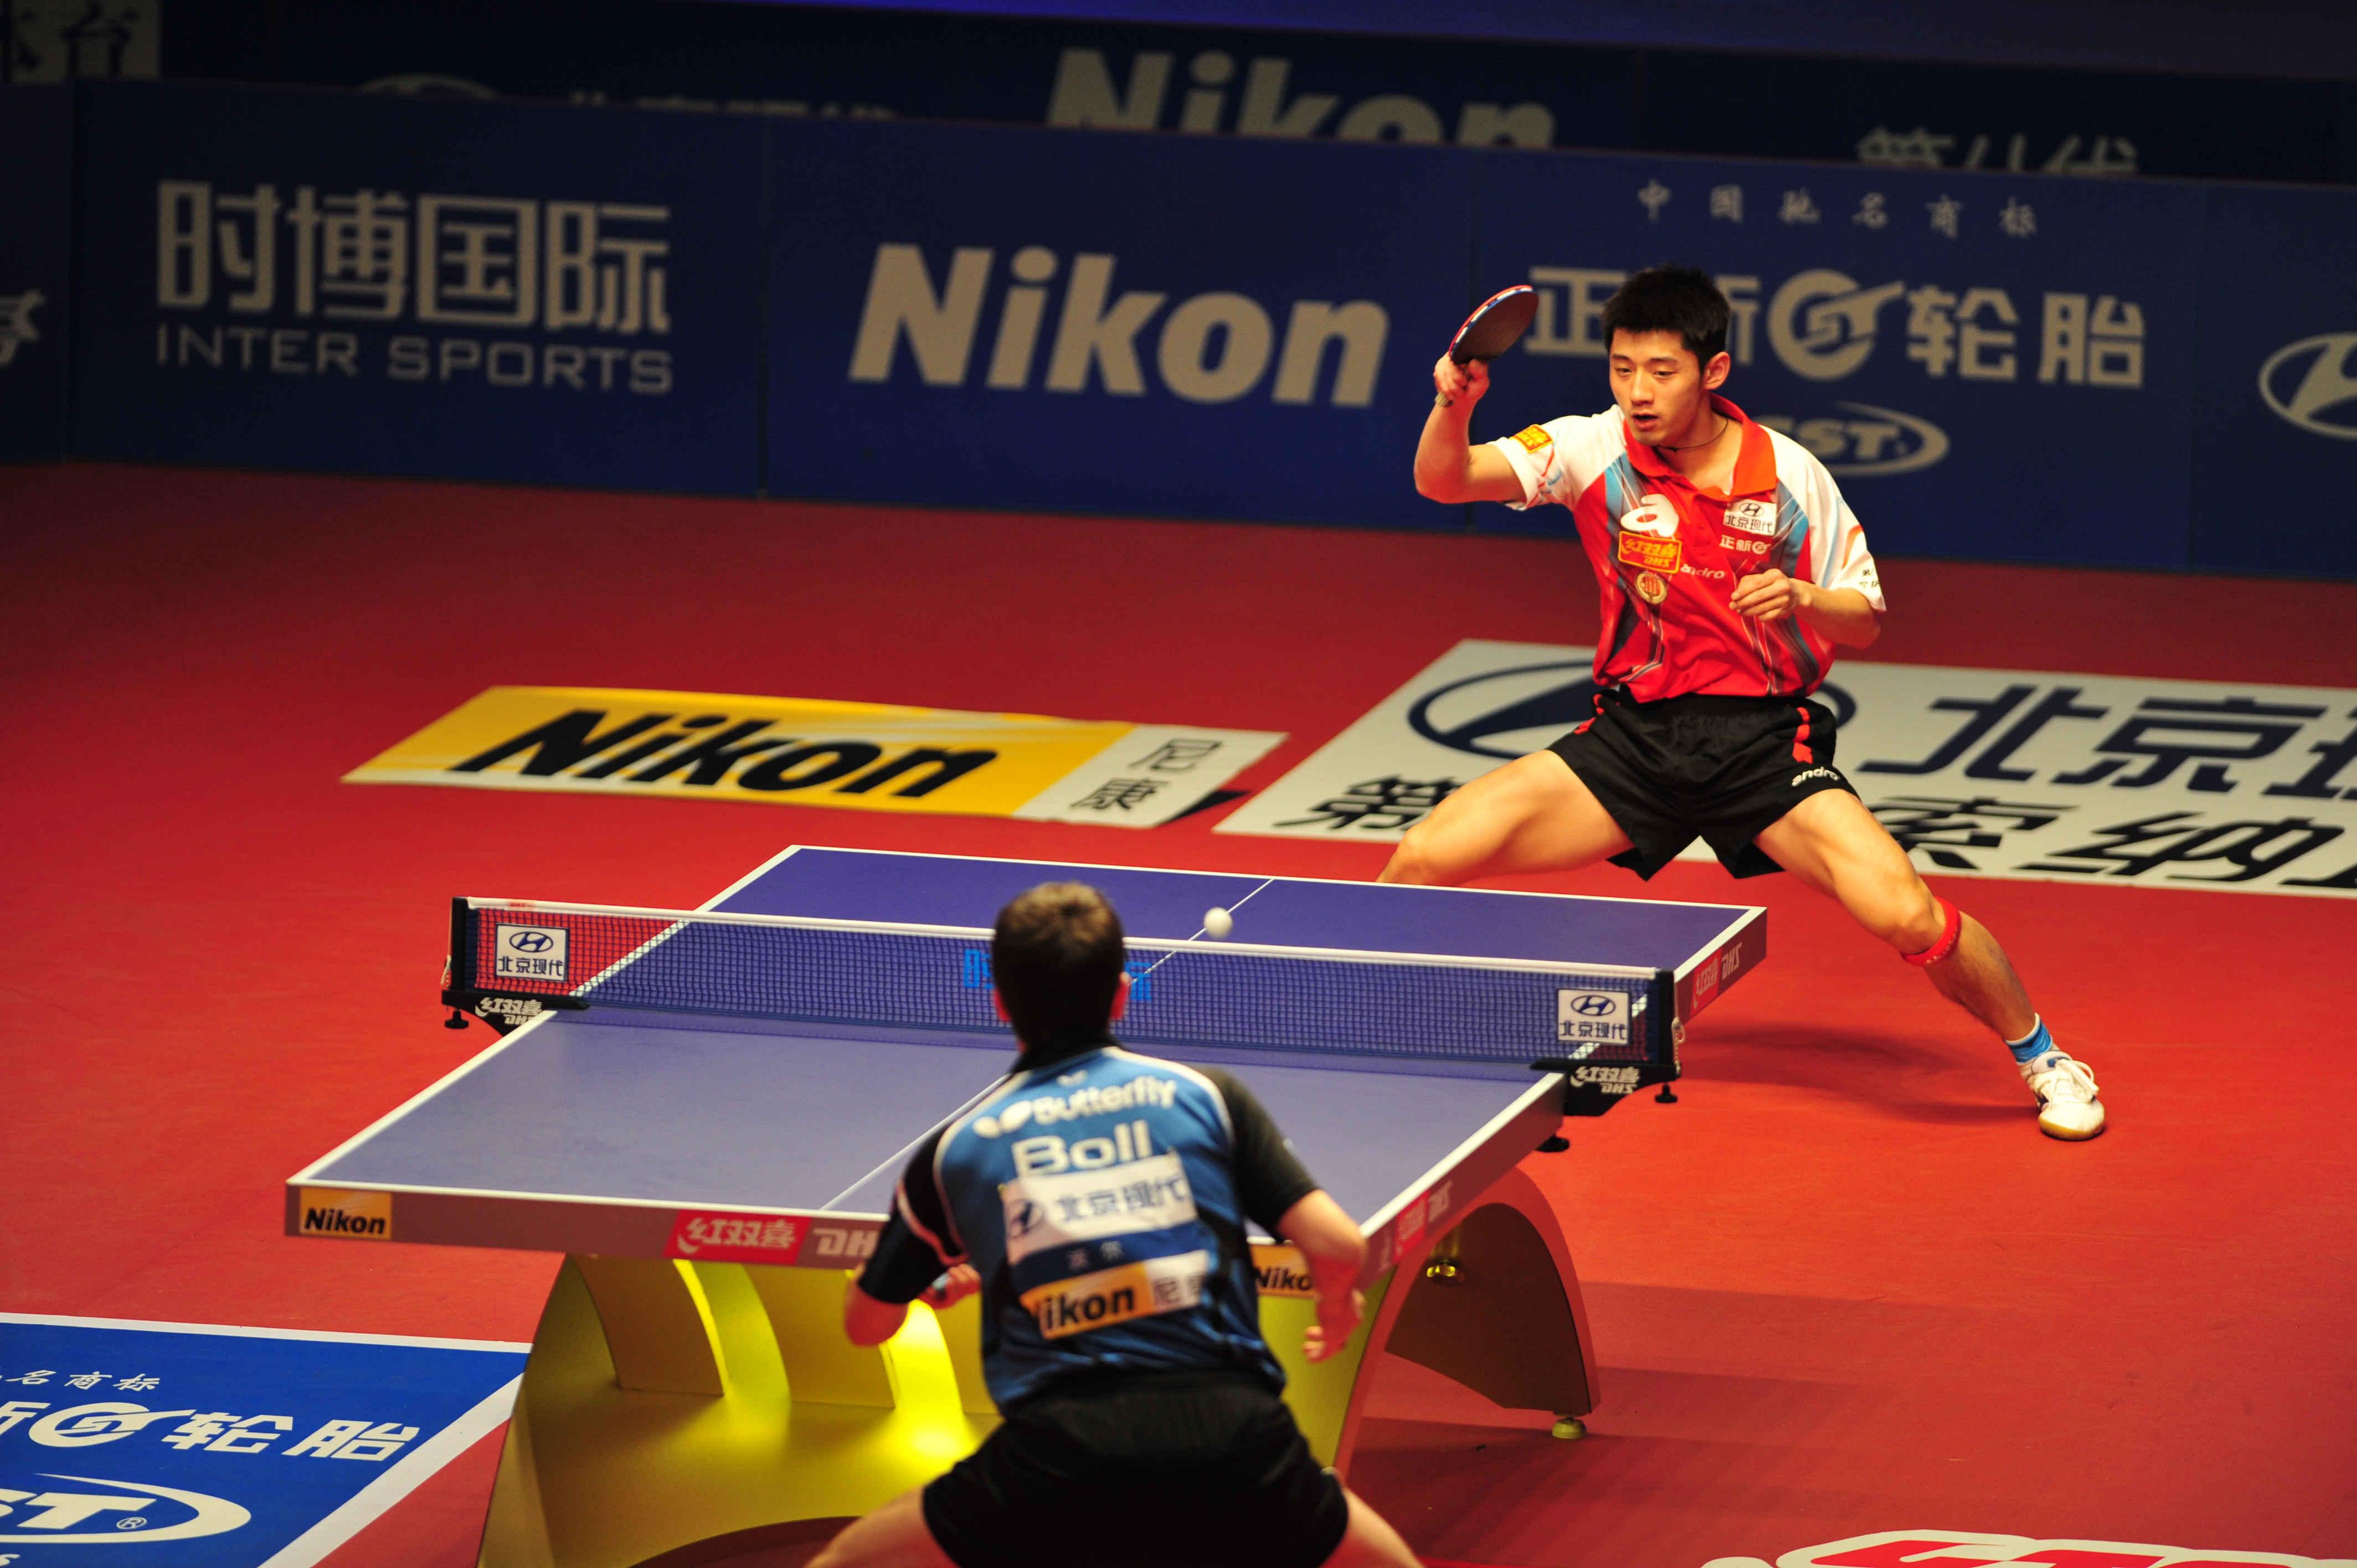 2011�9/)9�'y�G{�Y_尼康赞助2011年亚欧全明星乒乓球对抗赛